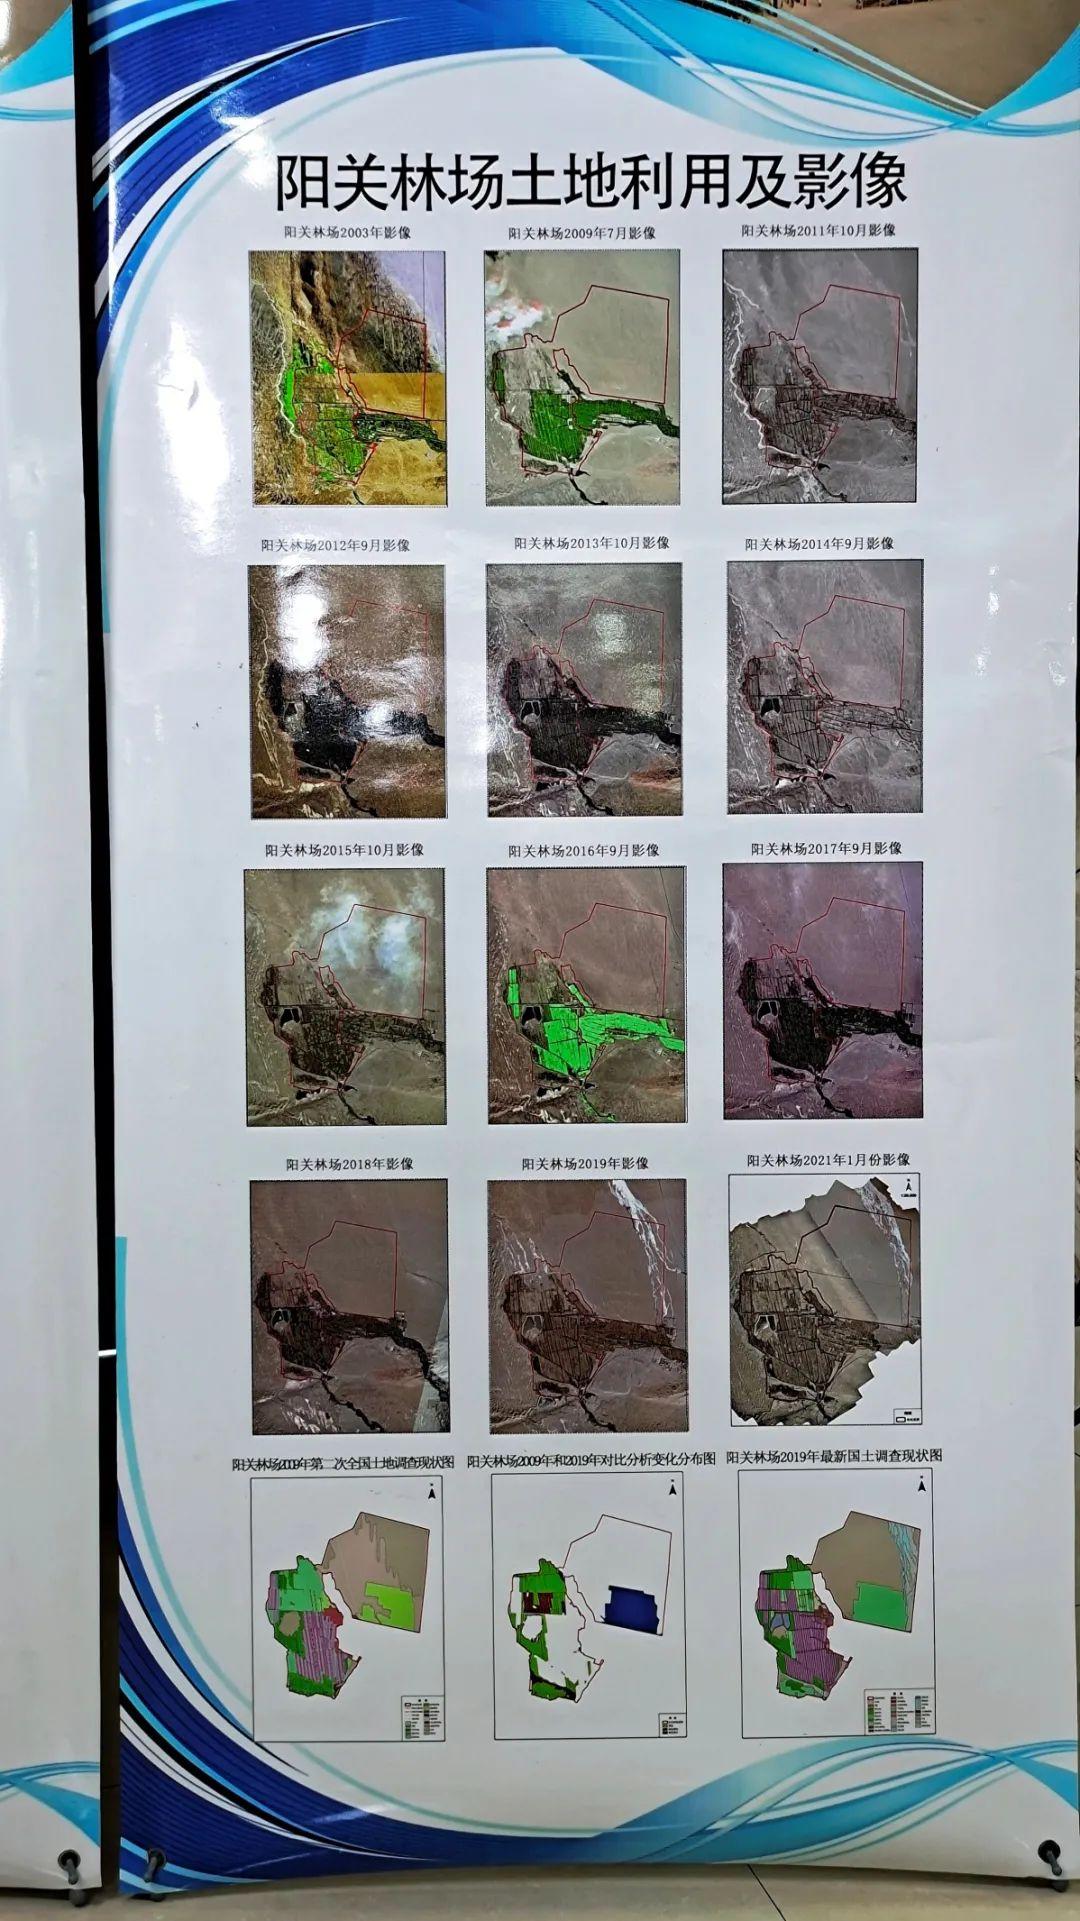 图为阳关林场土地利用影像。